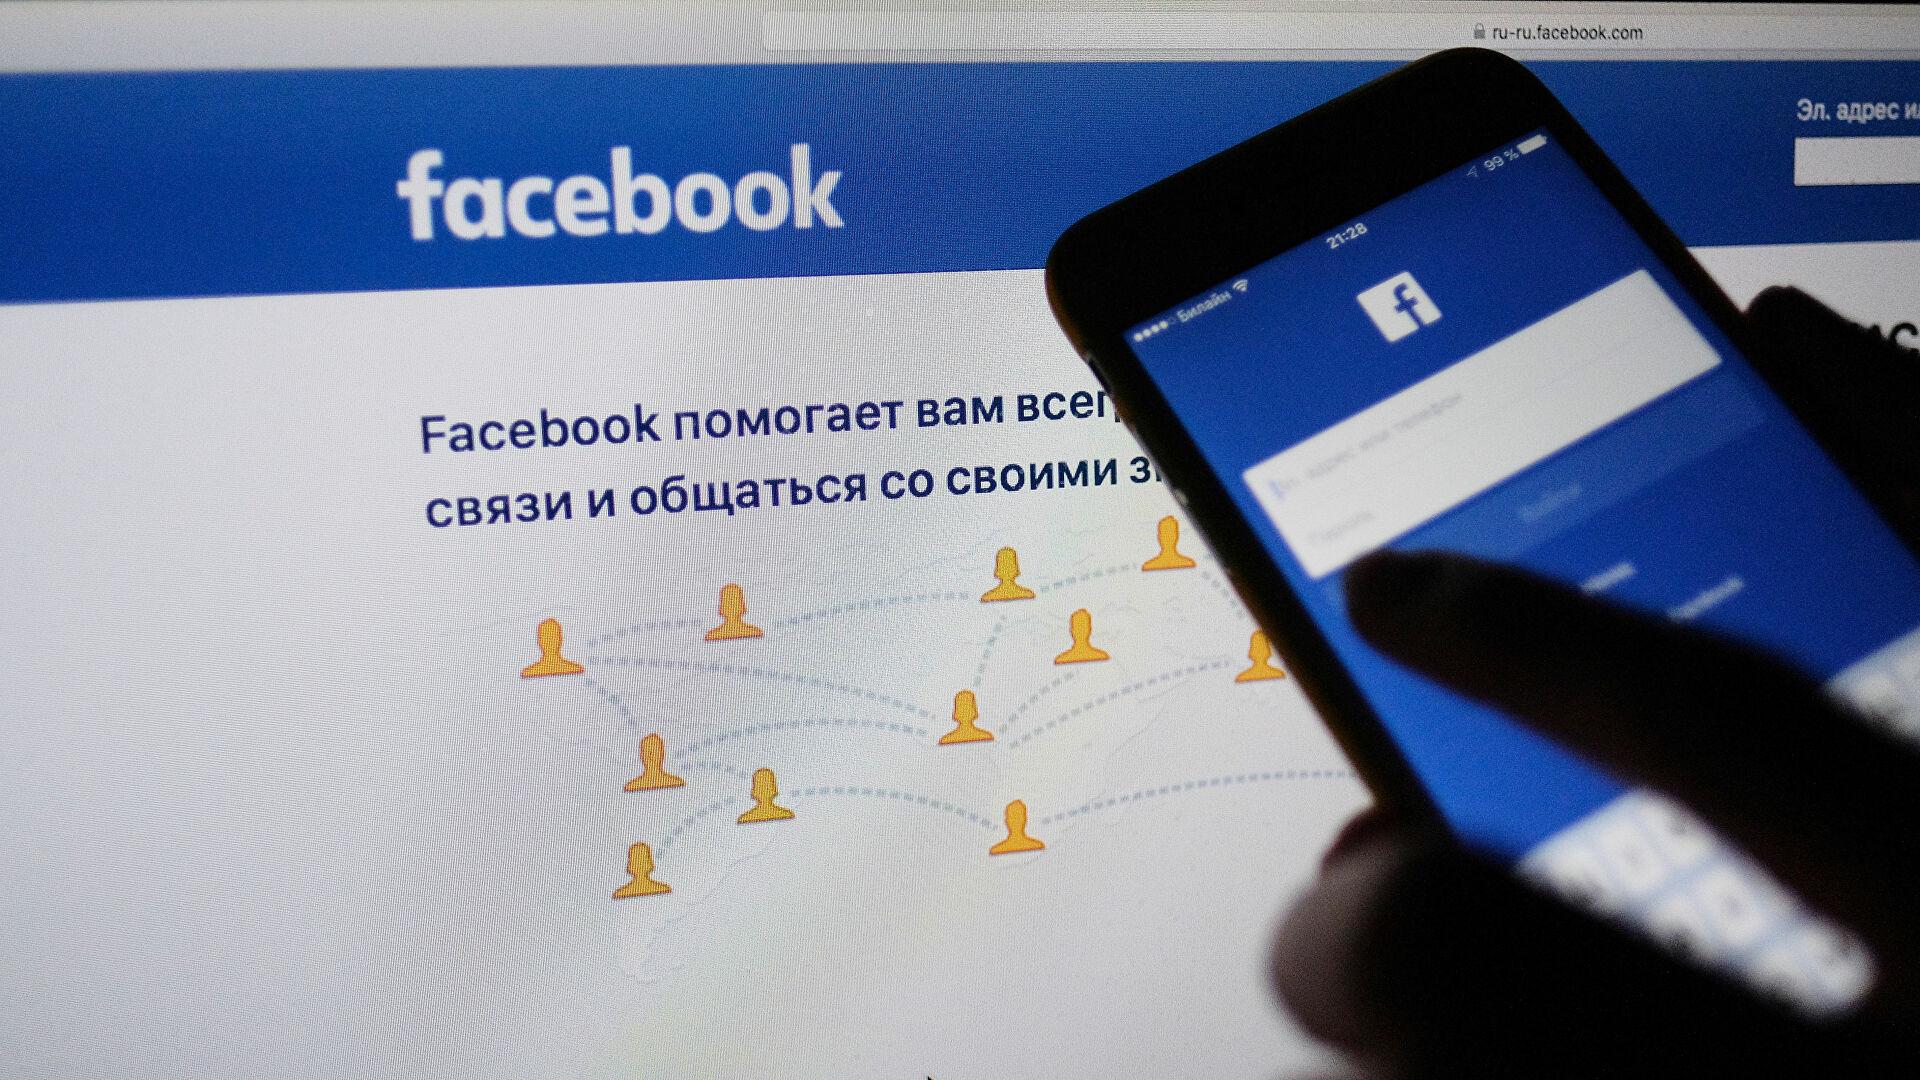 Москвоски суд казнио Гугл и Фејсбук